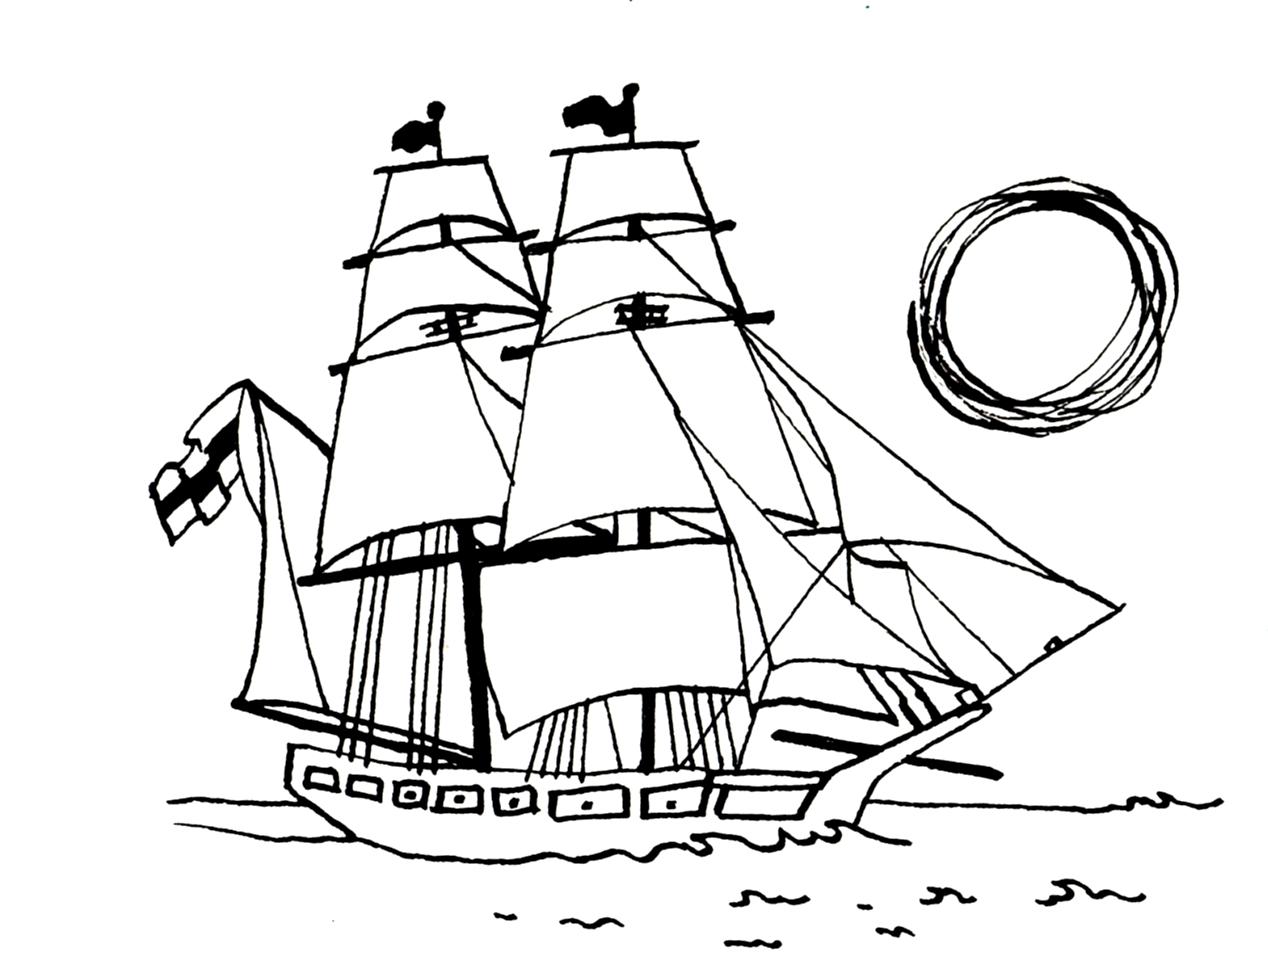 Day 25: Ship